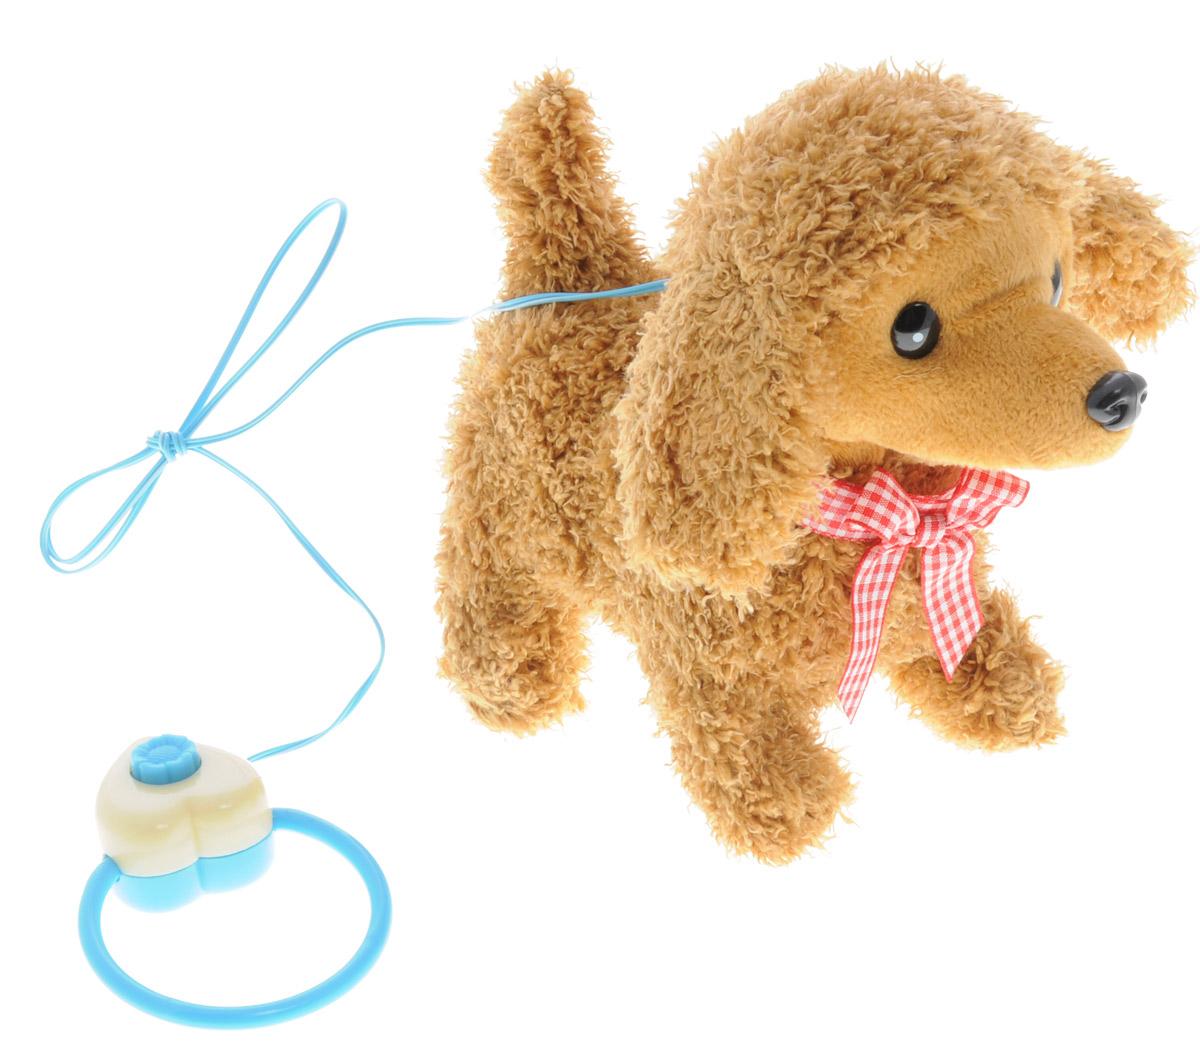 Sonata Style Мягкая озвученная игрушка Моя собачка на пульте управления цвет коричневый 16 смGT5931_коричневыйМягкая озвученная игрушка Sonata Style Моя собачка развлечет вашего ребенка и станет для него любимой игрушкой. Игрушка выполнена в виде симпатичного щенка коричневого цвета. Очаровательный щенок выглядит совсем как настоящий. На шее у него красуется бантик. В комплект с игрушкой входит пульт управления, выполненный в виде поводка. Собачка умеет ходить, садиться, шевелить хвостиком и лаять. Щенок поднимет настроение вашему малышу и подарит массу положительных эмоций. Рекомендуется докупить 2 батарейки напряжением 1,5V типа АA (товар комплектуется демонстрационными).